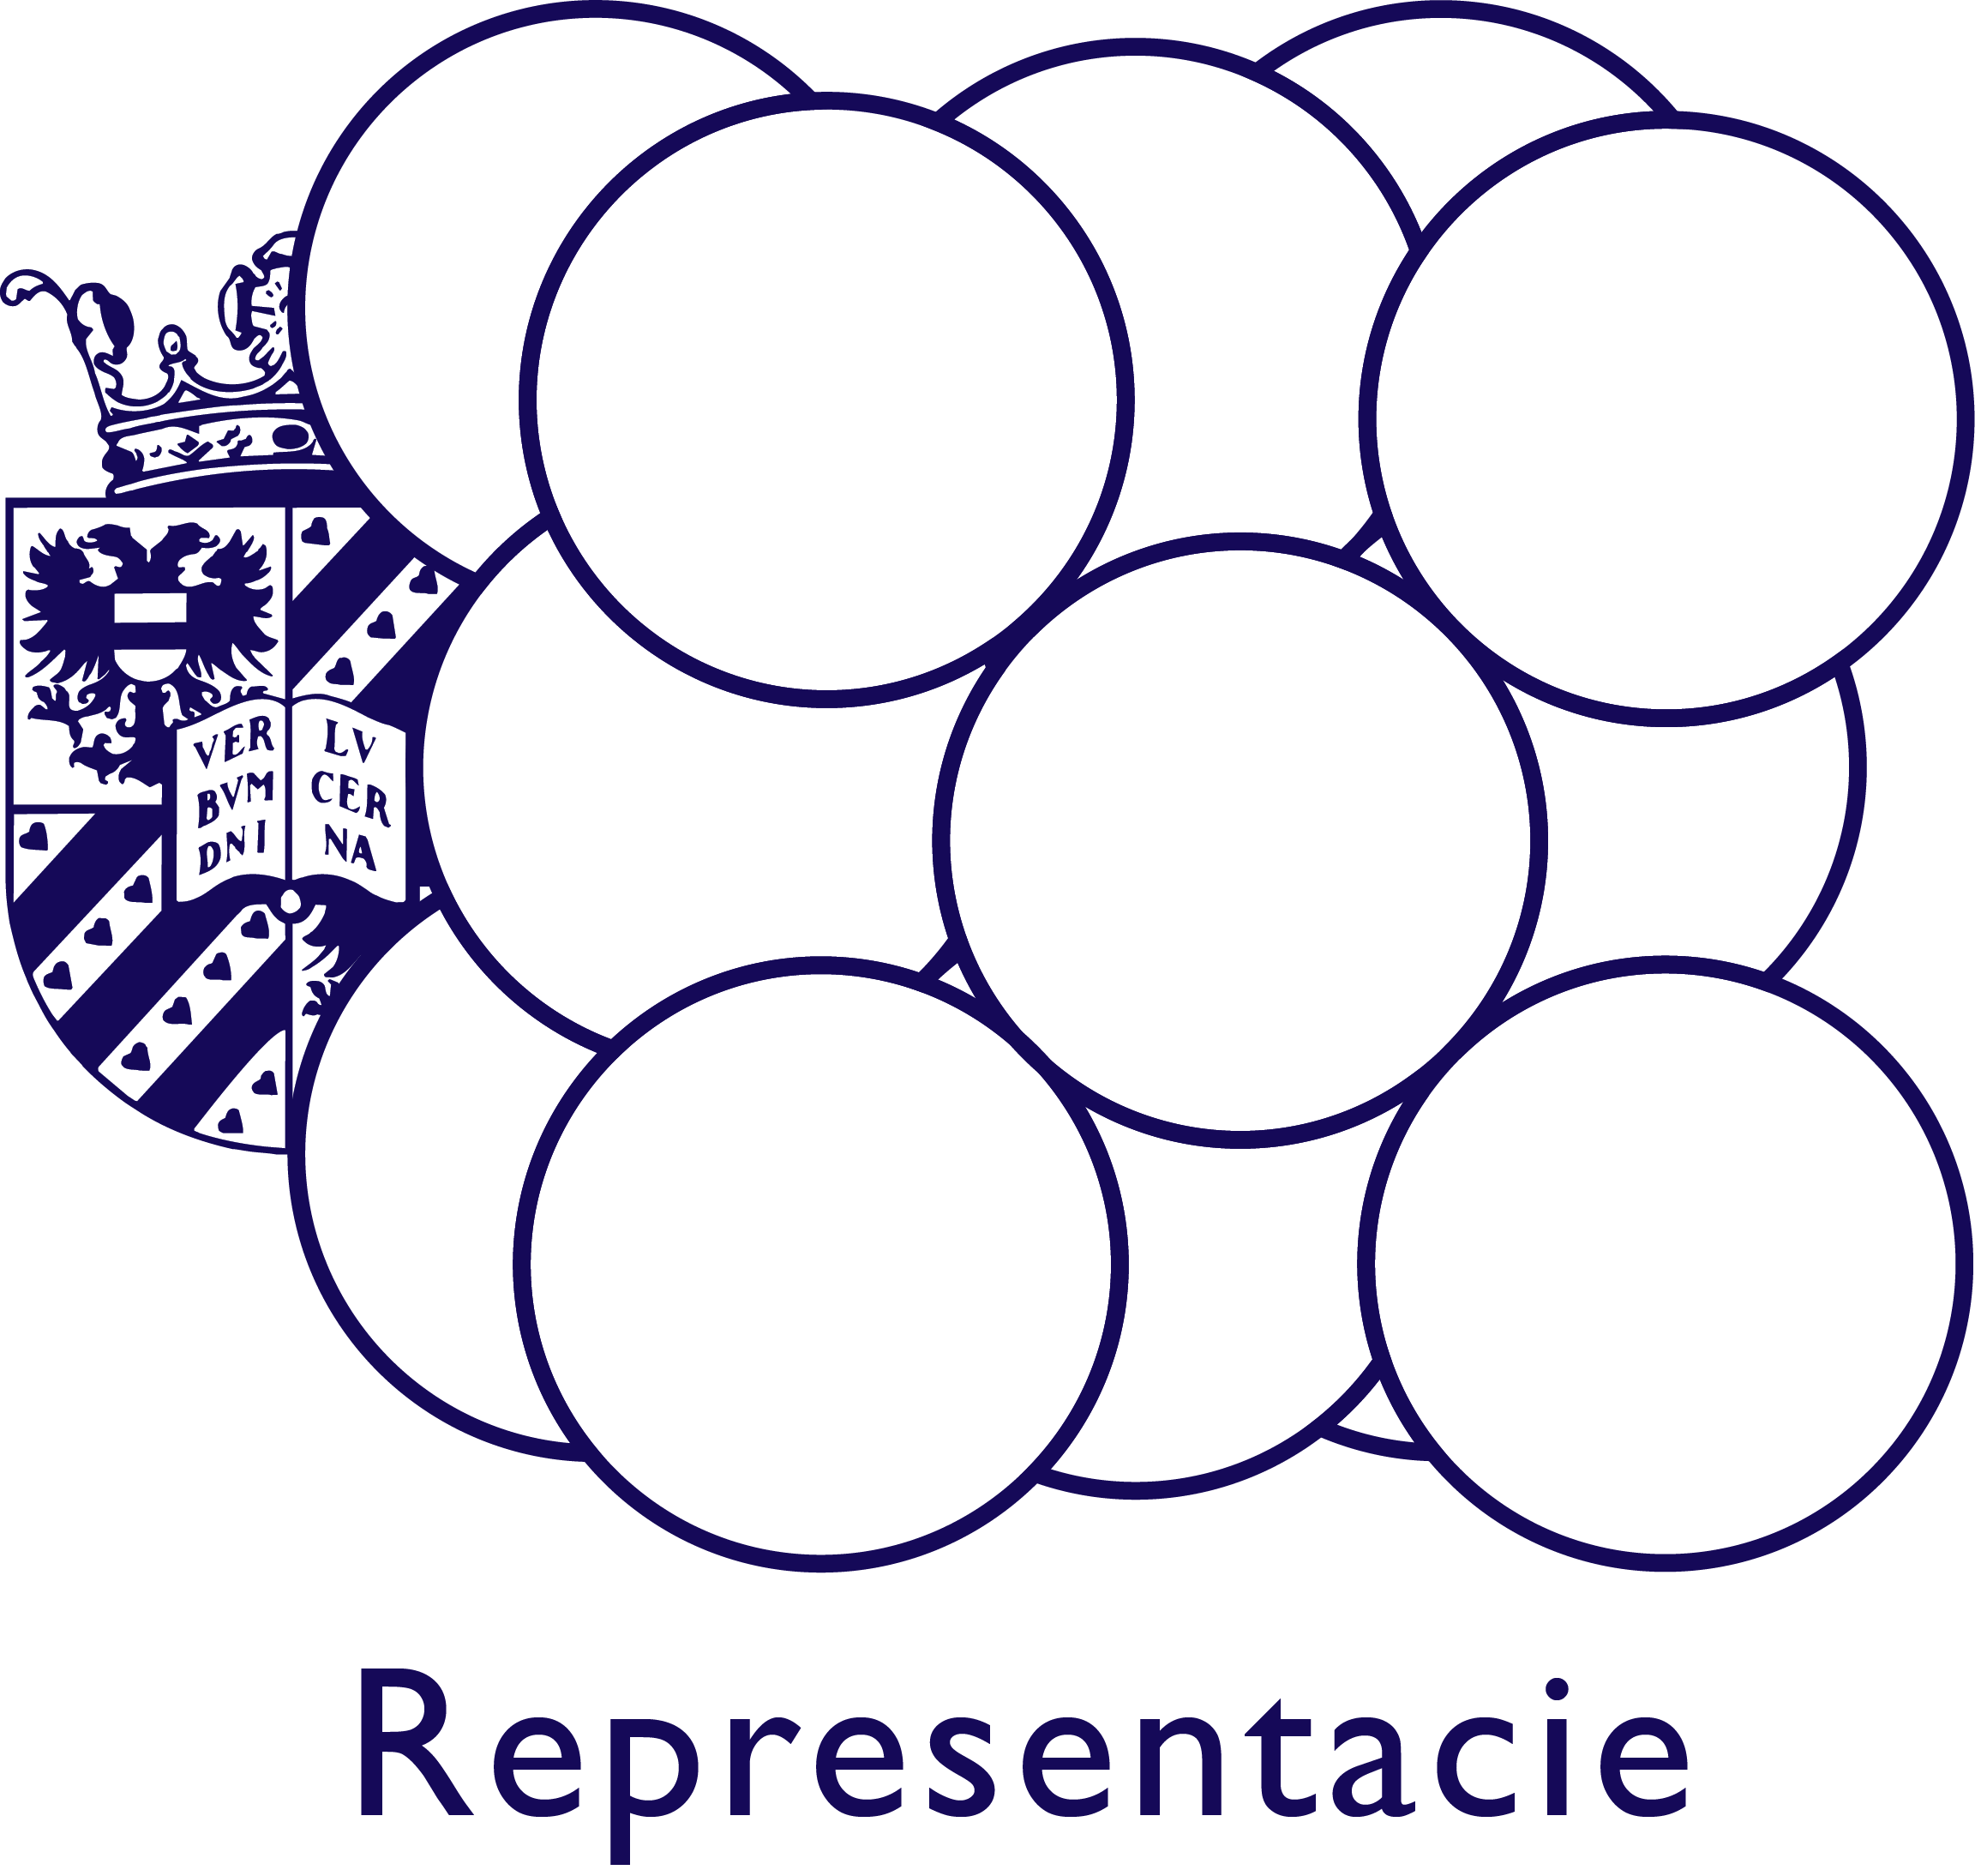 Representacie's logo